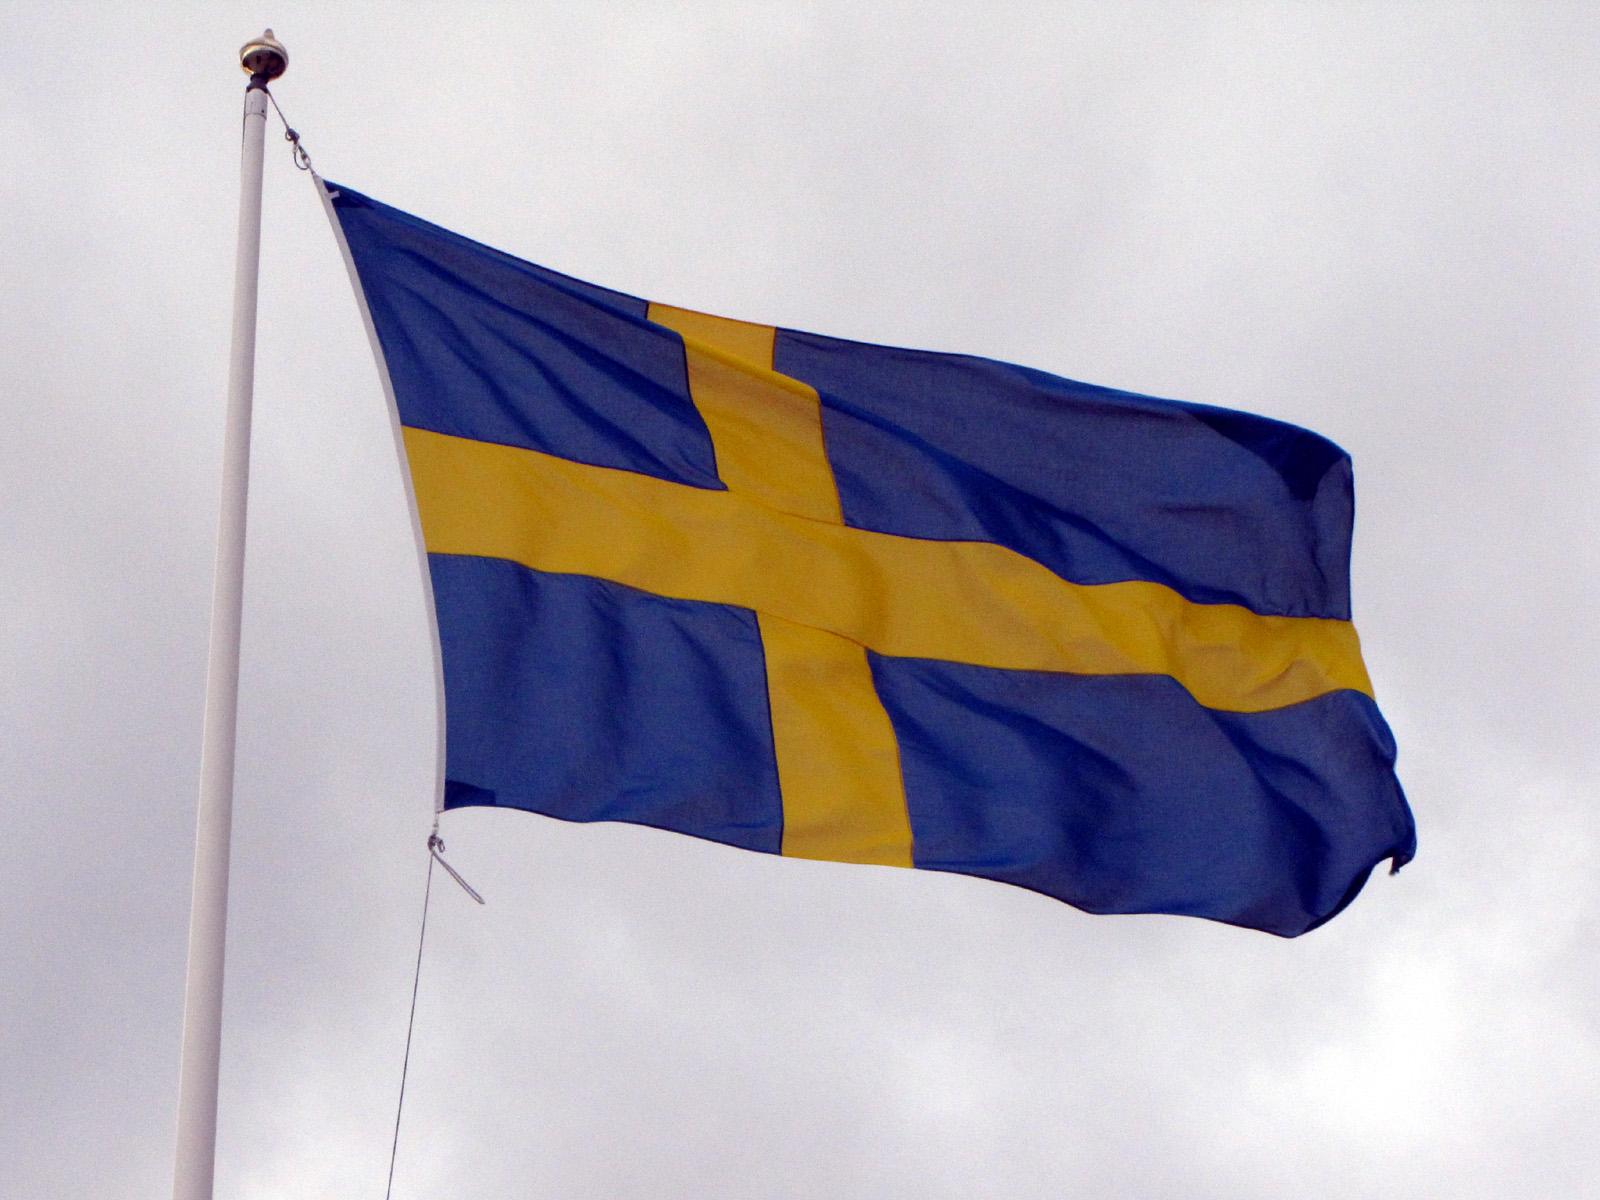 MacSysAdmin 2013, in Svezia ciclo conferenze dedicato agli amministratori di sistema